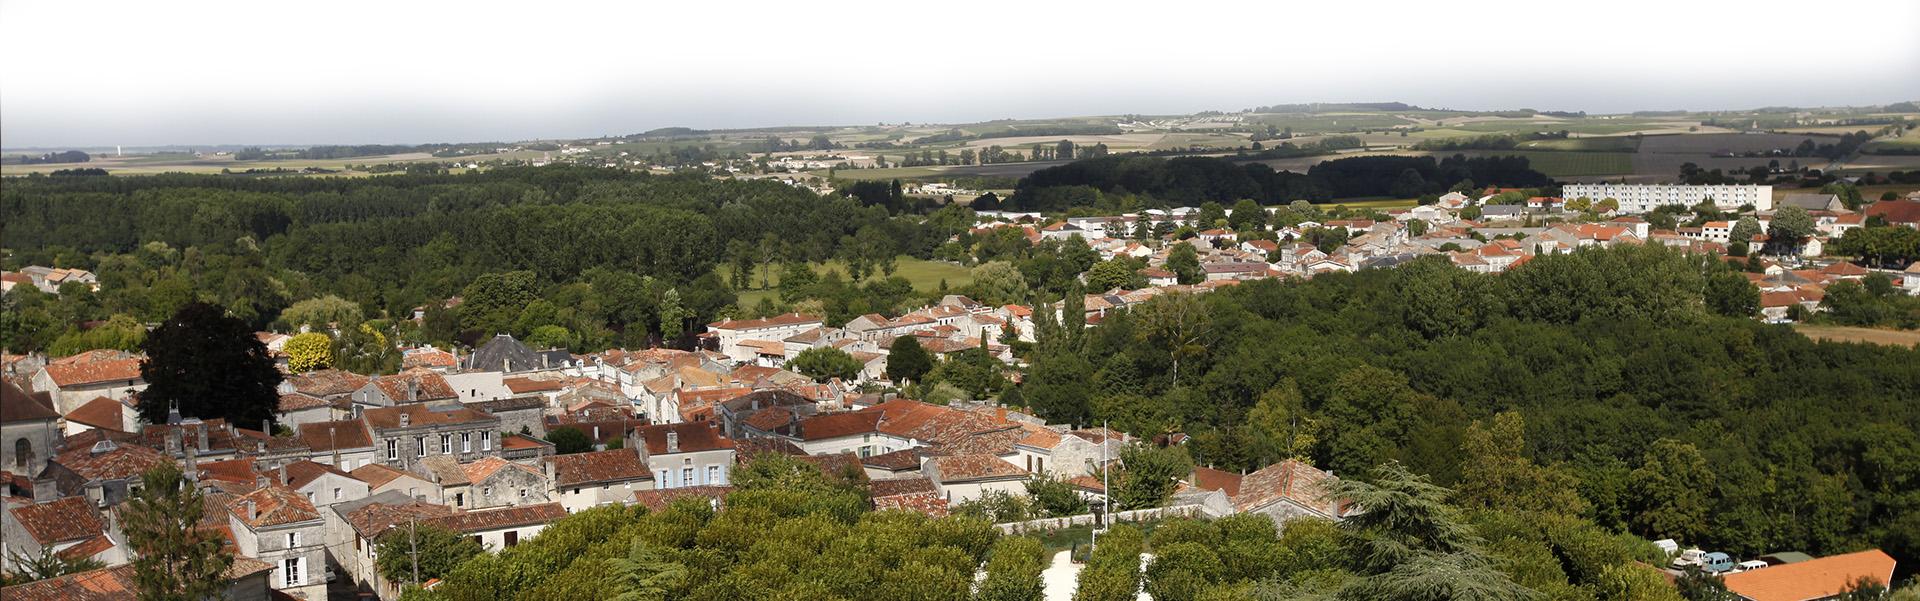 Ville de Pons - vue aerienne